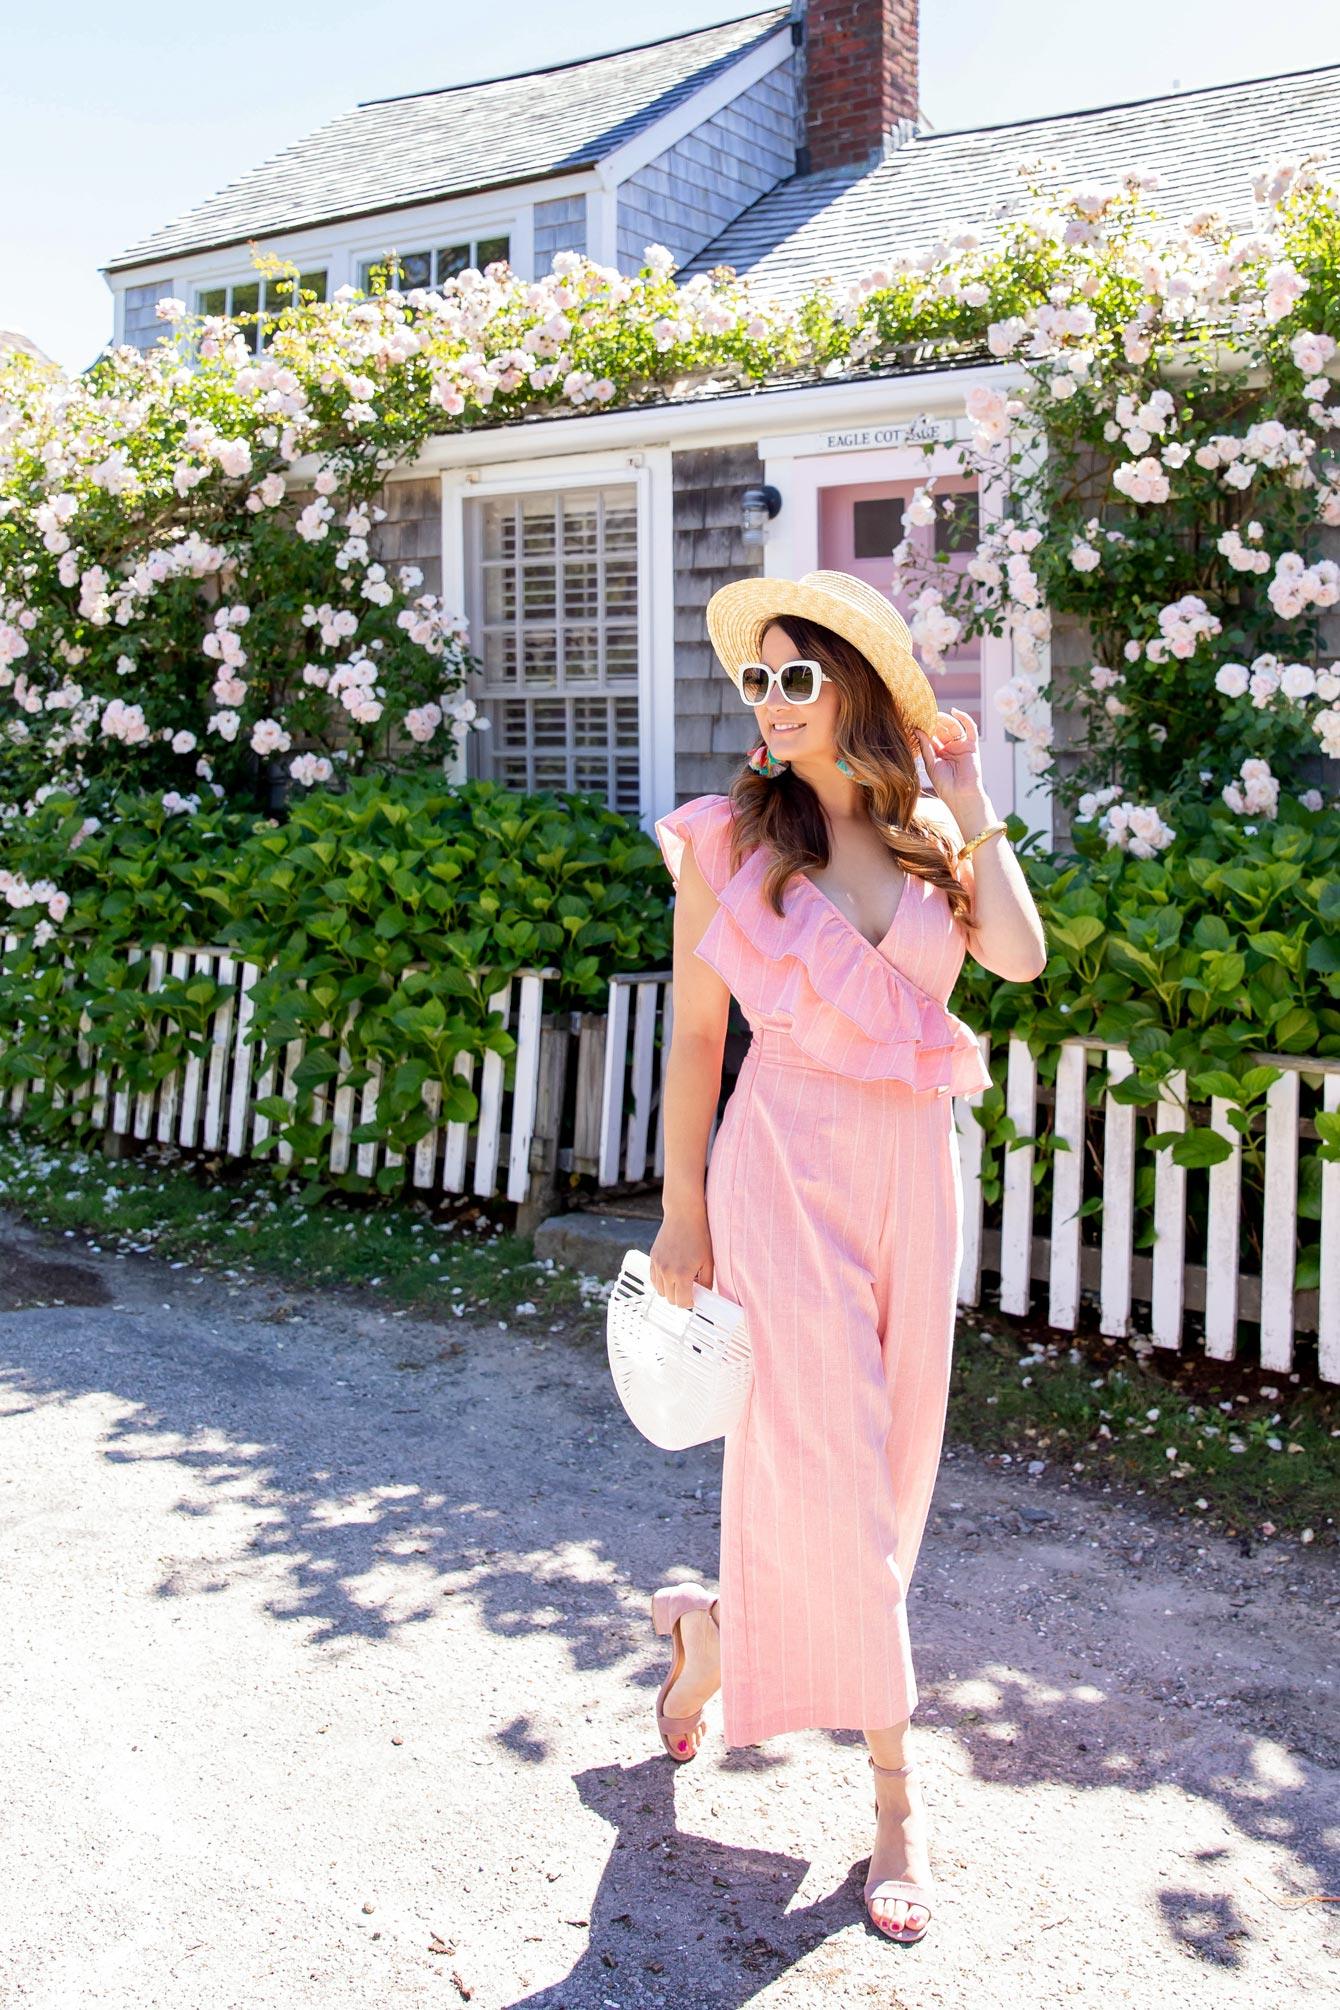 Sconet Nantucket Rose Cottages